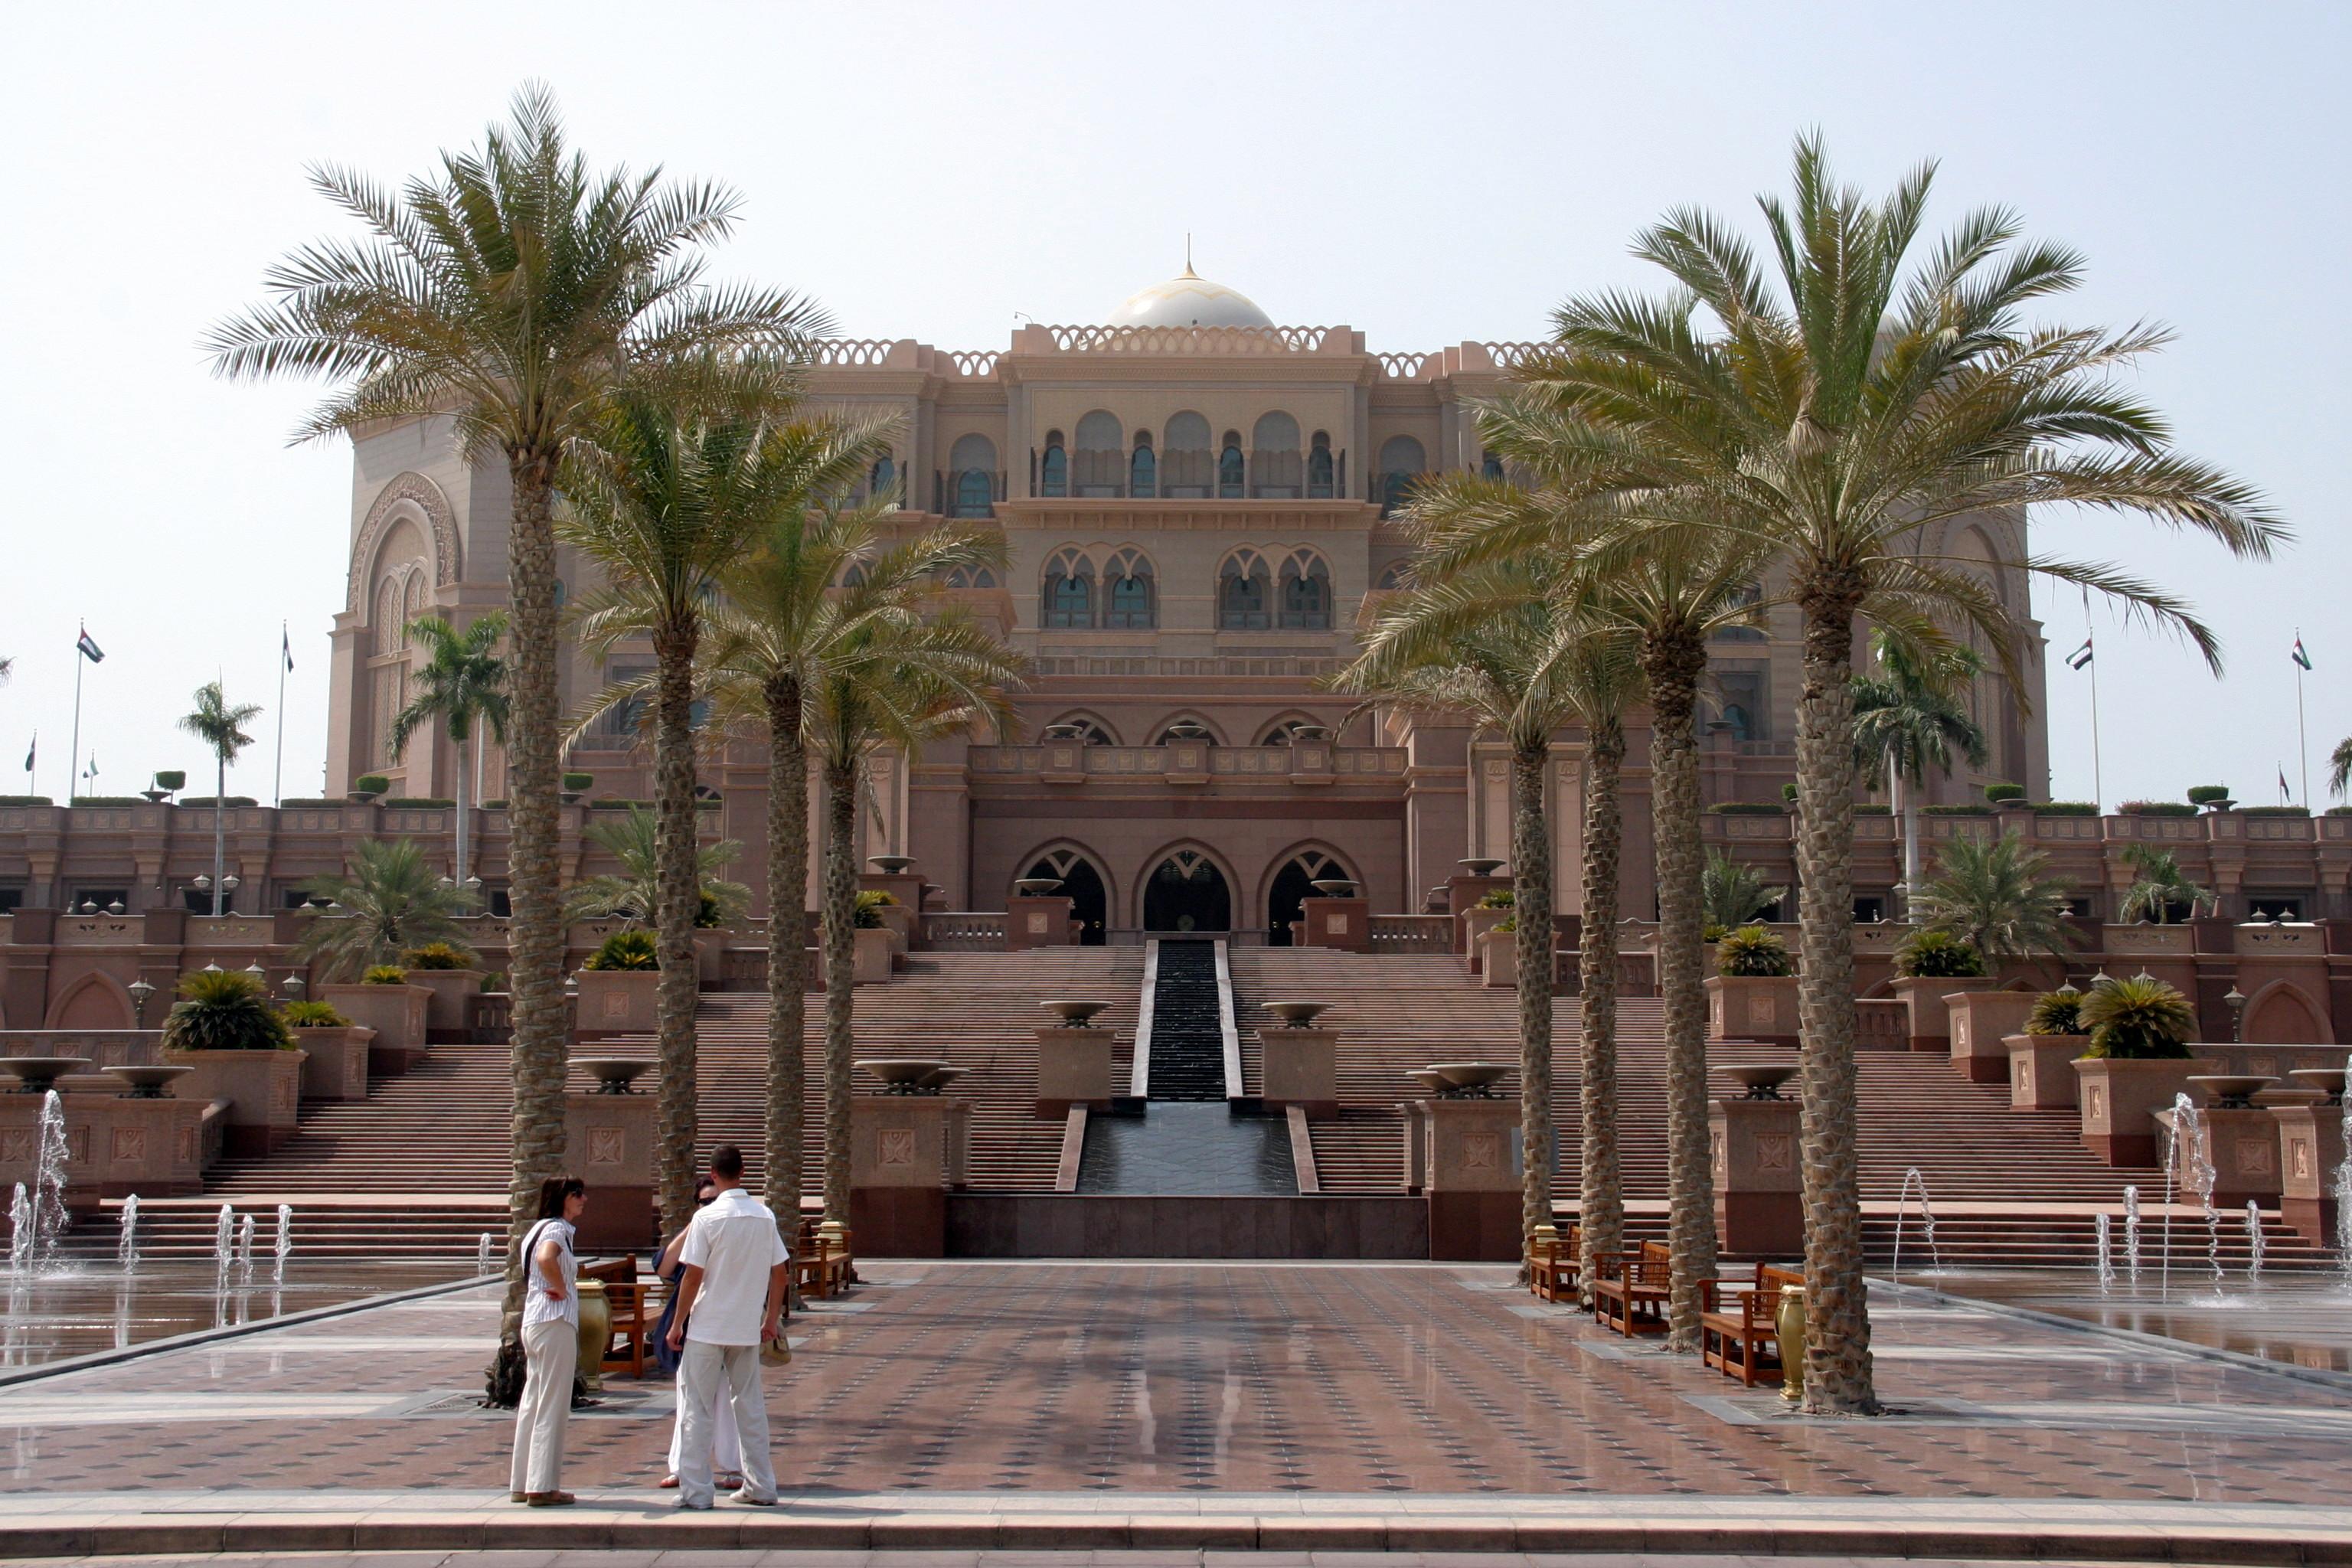 Emirates Palace a legdrágább és legelegánsabb hotel a városban, és a királyok és hercegek itt szoktak megszállni. A mezei turista is beteheti a lábát előzetes regisztrációval, és egy kötelező benti fogyasztással. Elég ehhez egy mezei kávét rendel, amit aranyporral szórnak meg.